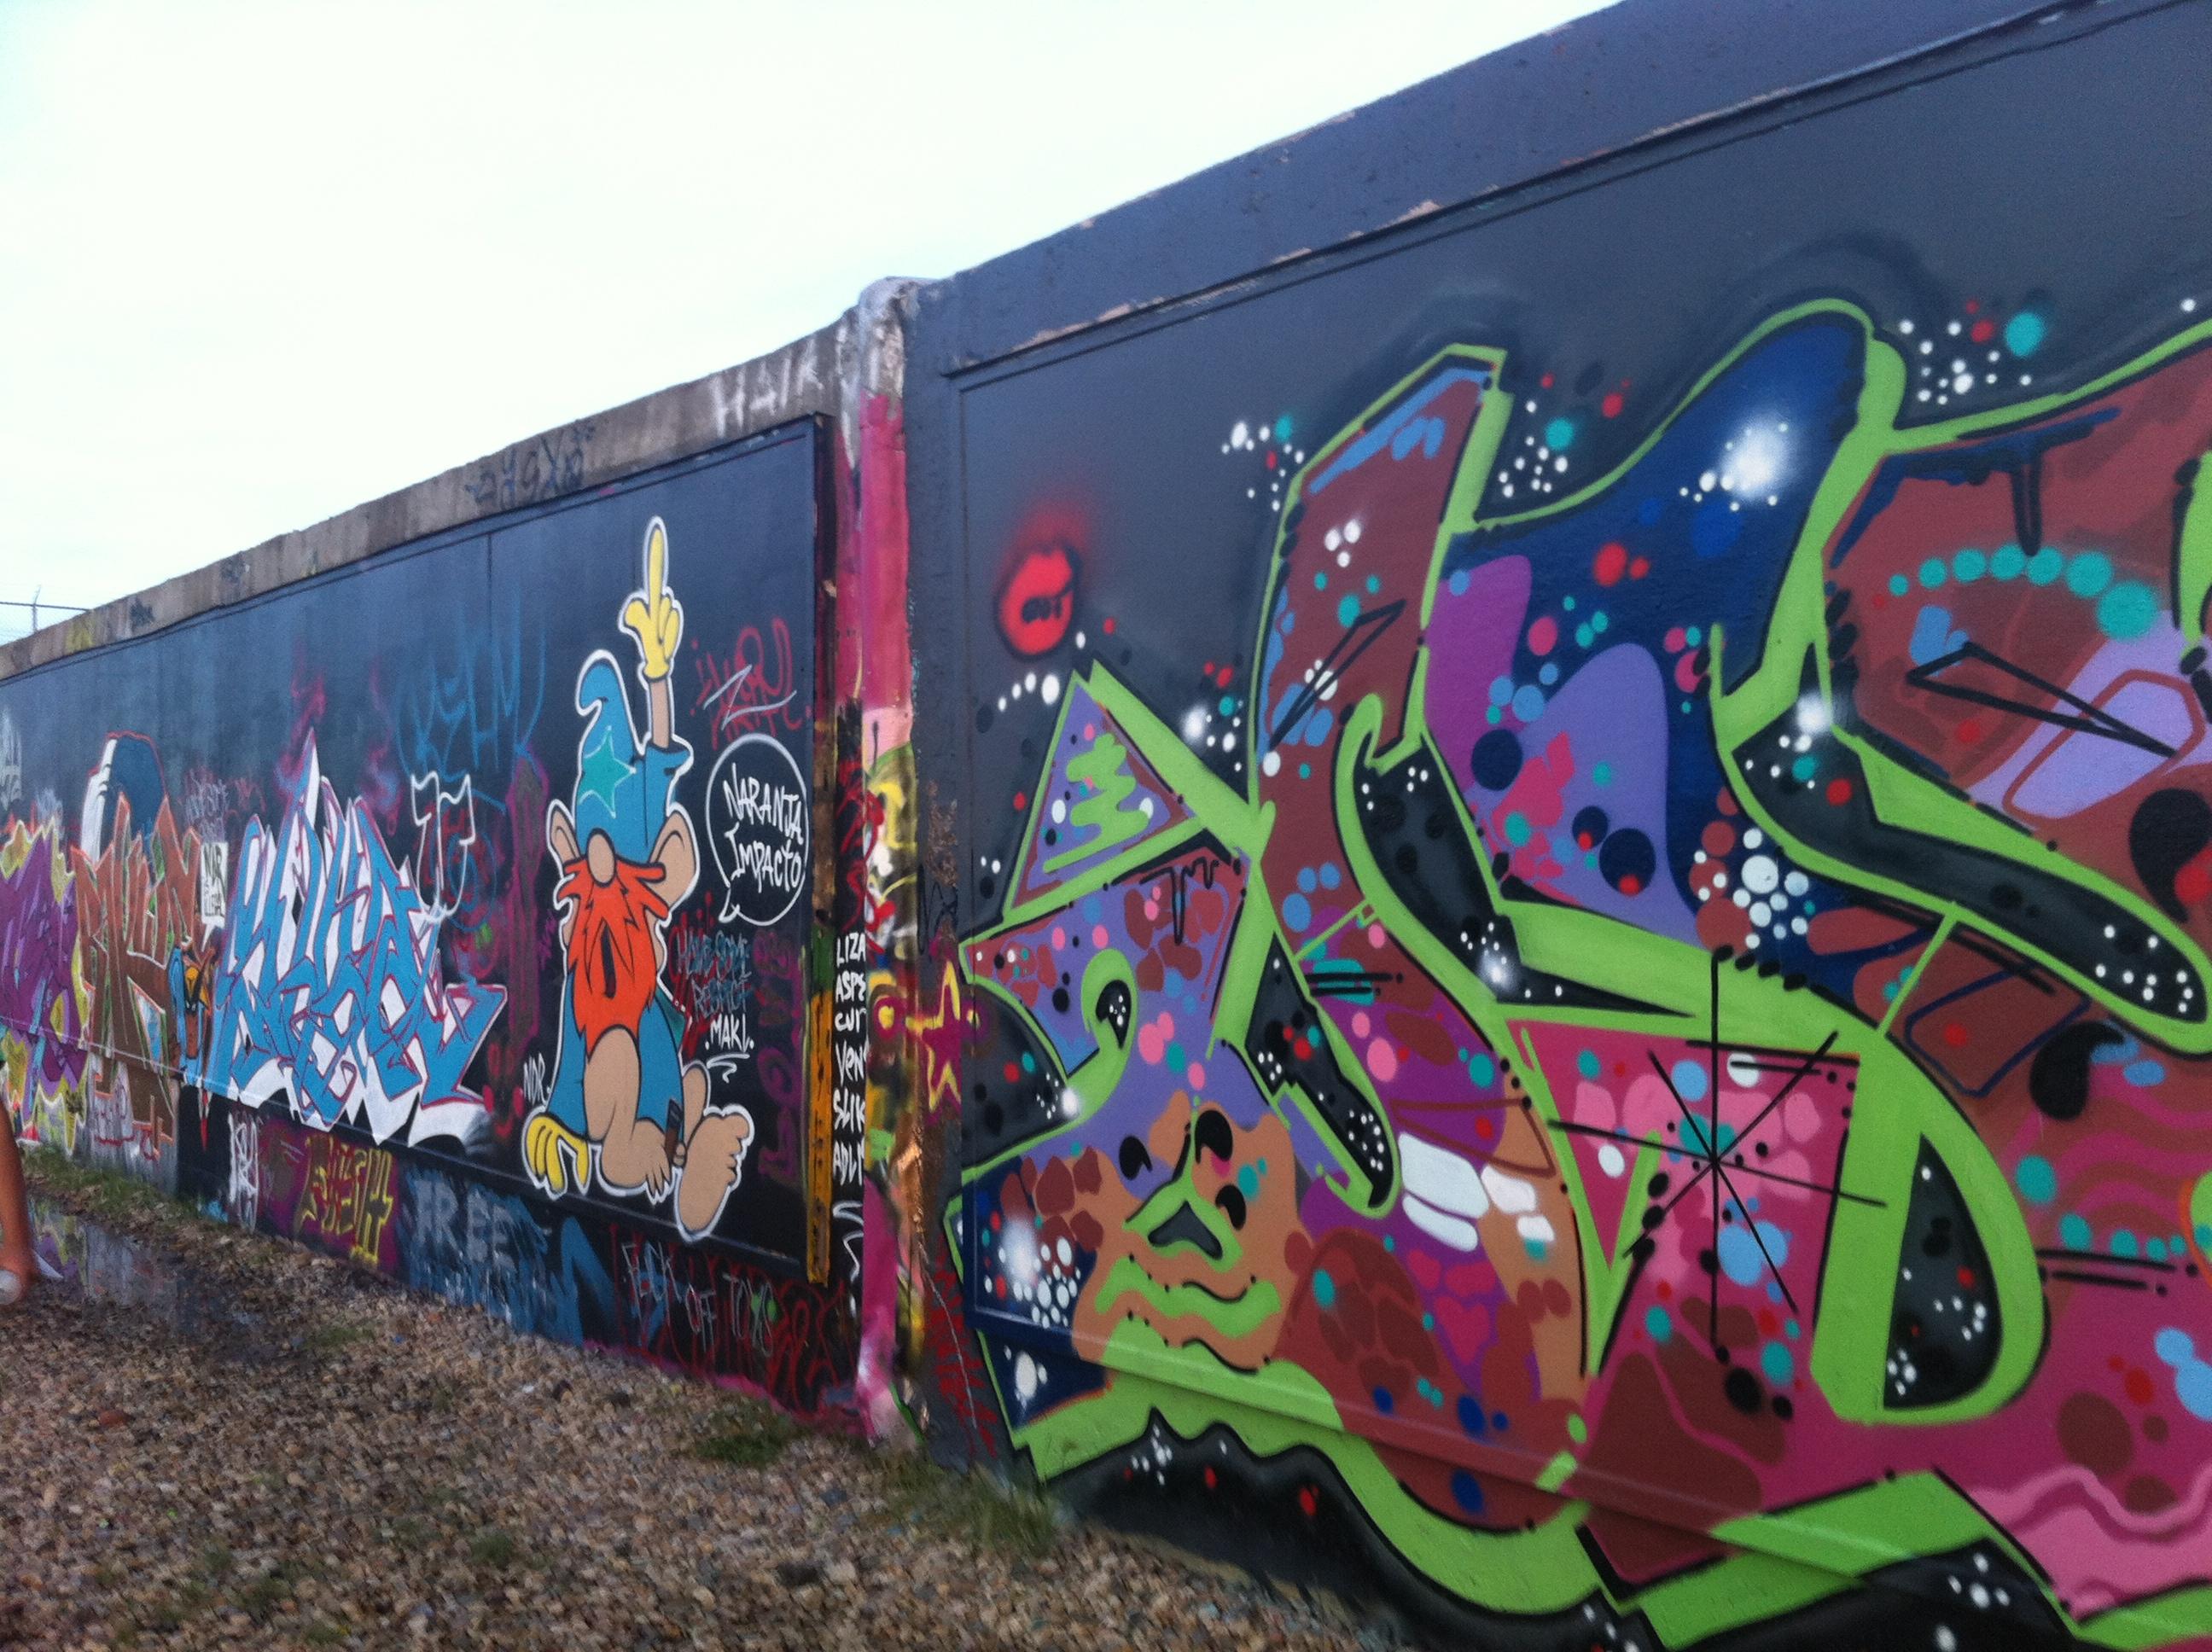 Graffiti wall calgary - Edmonton Free Wall Legal Graffiti Site